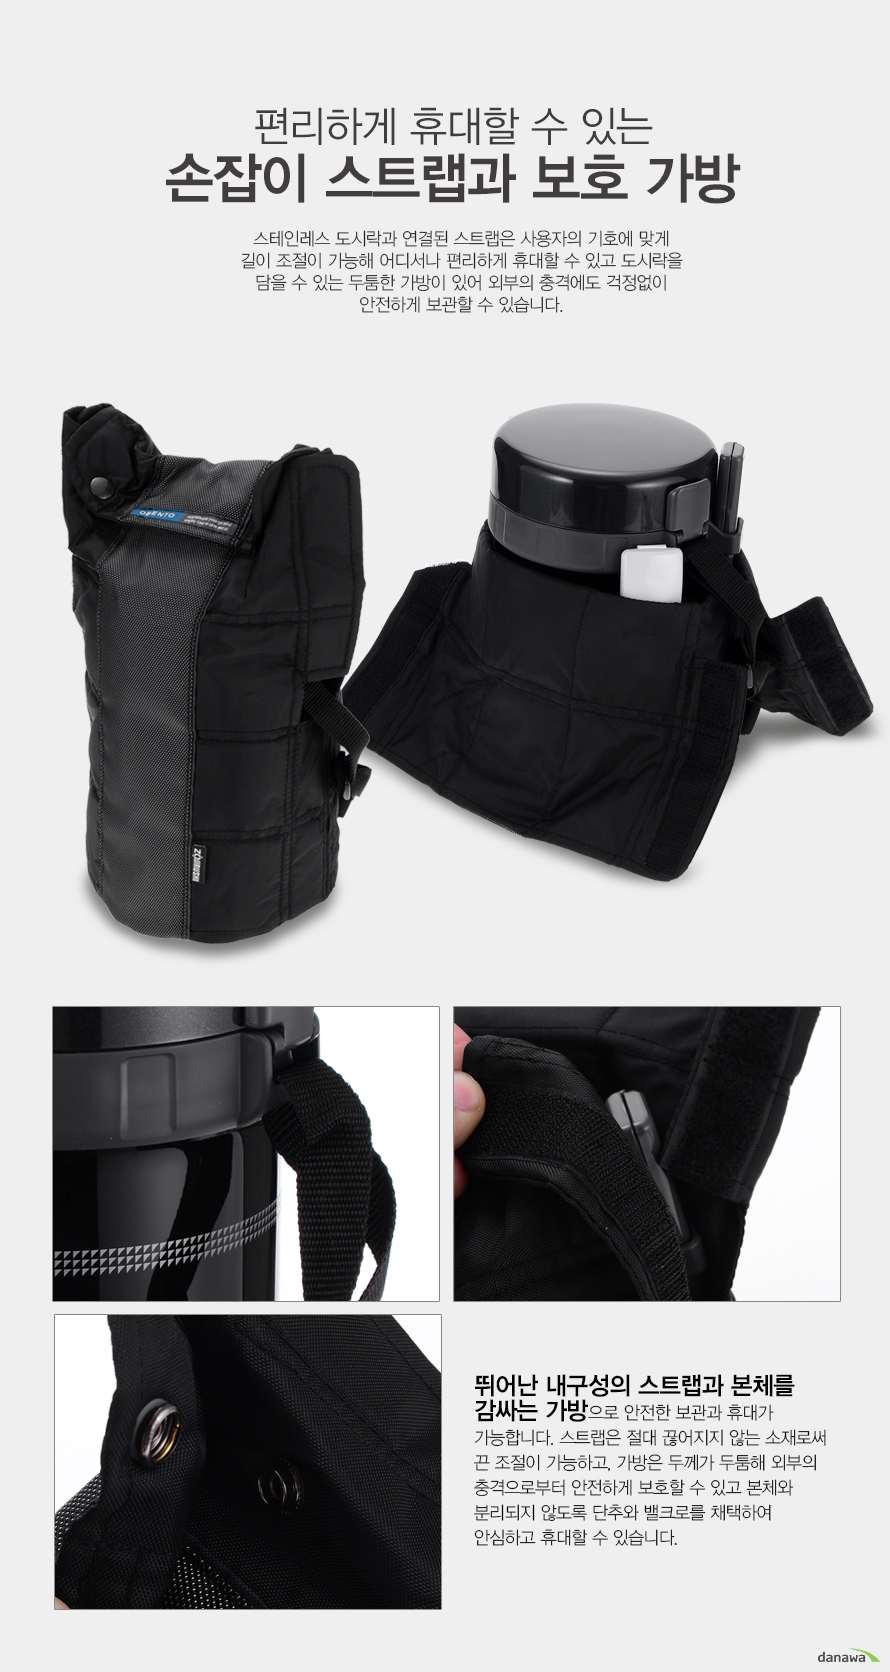 편리하게 휴대할 수 있는 손잡이 스트랩과 보호 가방    스텡니레스 도시락과 연결된 스트랩은 사용자의 기호에 맞게 길이 조절이 가능해 어디서나 편리하게 휴대할 수 있고 도시락을 담을 수 있는 두툼한 가방이 있어 외부의 충격에도 걱정없이 안전하게 이동할 수 있습니다.    뛰어난 내구성의 스트랩과 본체를 감싸는 가방으로 안전한 보관과 휴대가 가능합니다. 스트랩은 절대 끊어지지 않는 소재로써 끈 조절이 가능하고 가방은 두께가 두툼해 외부의 충격으로부터 안전하게 보호할 수 있고 본체와 분리되지 않도록 단추와 밸크로를 채택하여 안심하고 휴대할 수 있습니다.